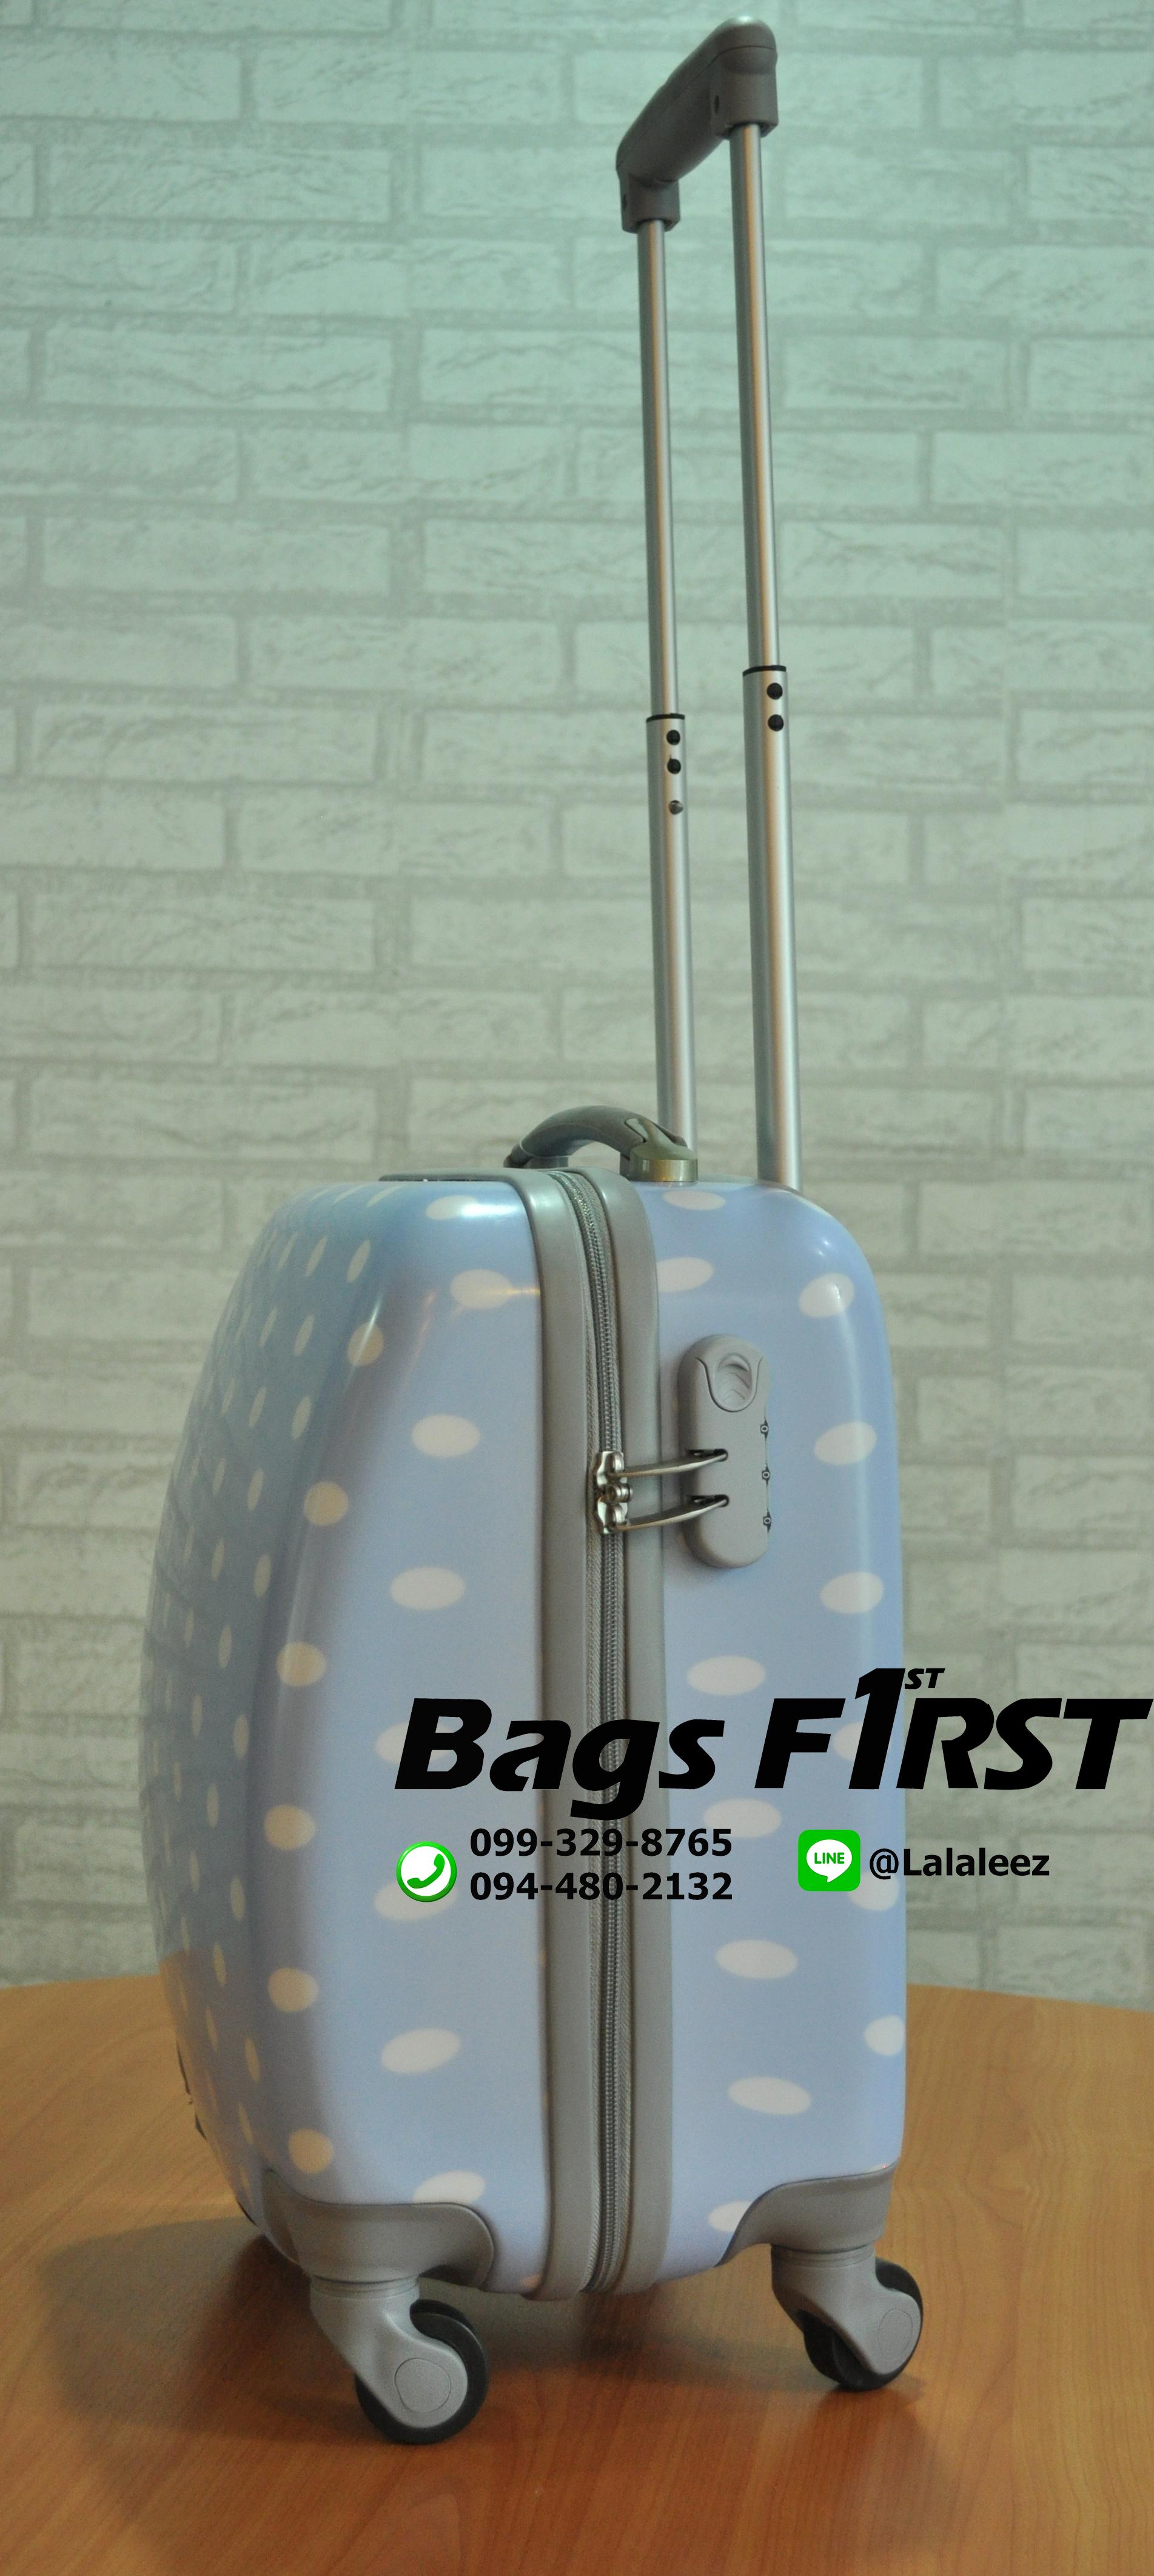 กระเป๋าเดินทางล้อลาก กระเป๋าเดินทางลายจุด กระเป๋าเดินทางน่ารัก กระเป๋าเดินทางคุณภาพดี กระเป๋าเดินทางสี่ล้อ จำหน่ายกระเป๋าเดินทาง ขายกระเป๋าล้อลาก